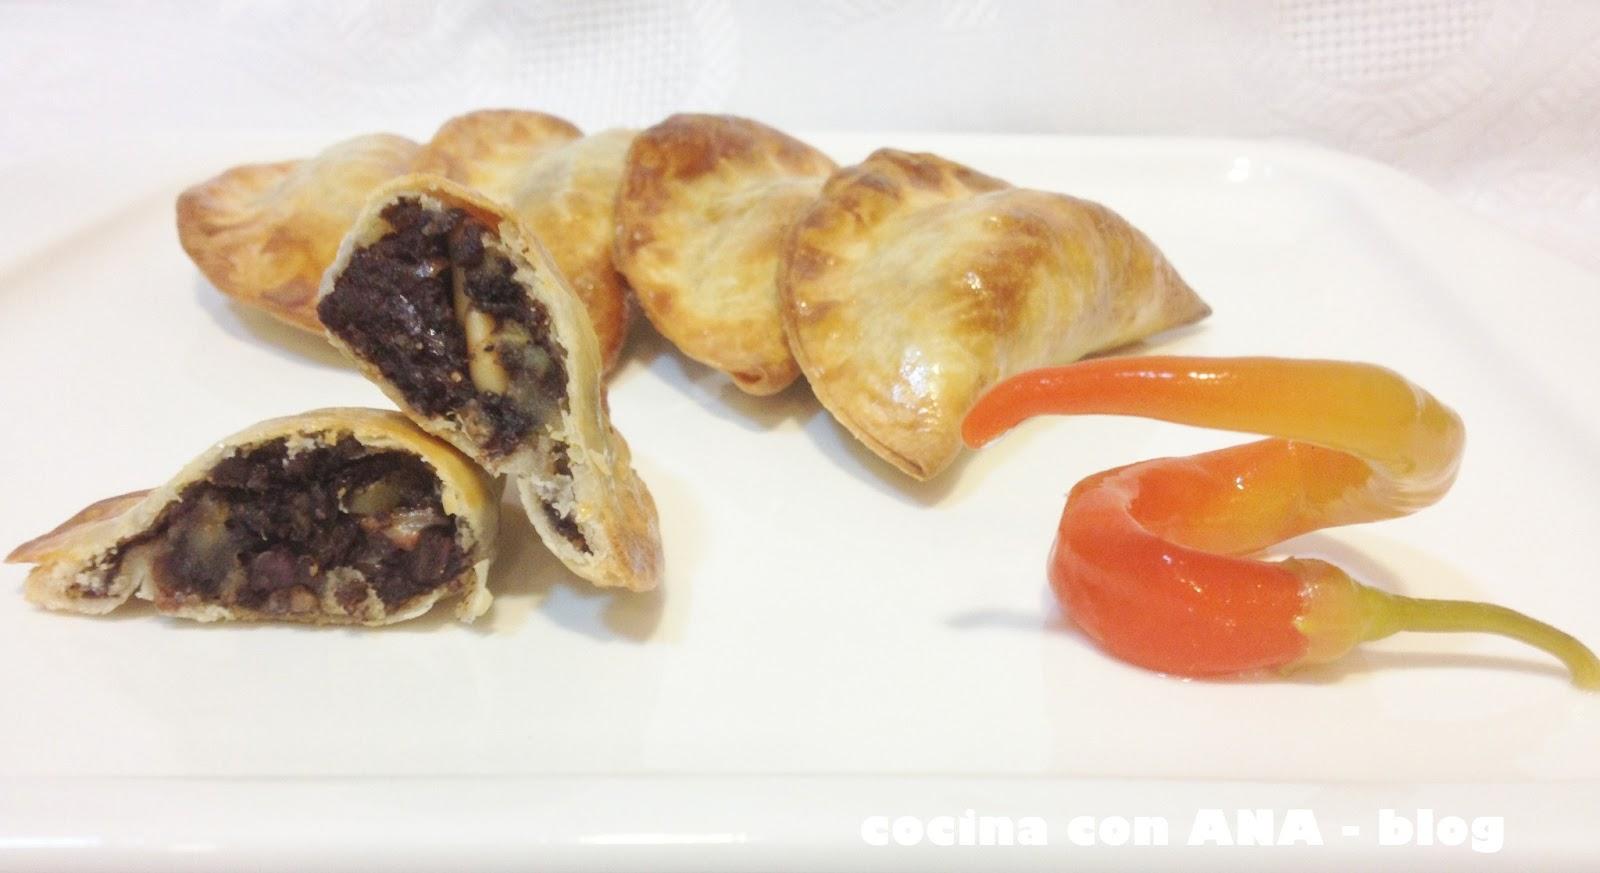 Cocina con ana empanadillas de morcilla con manzana - Ana cocina facil ...